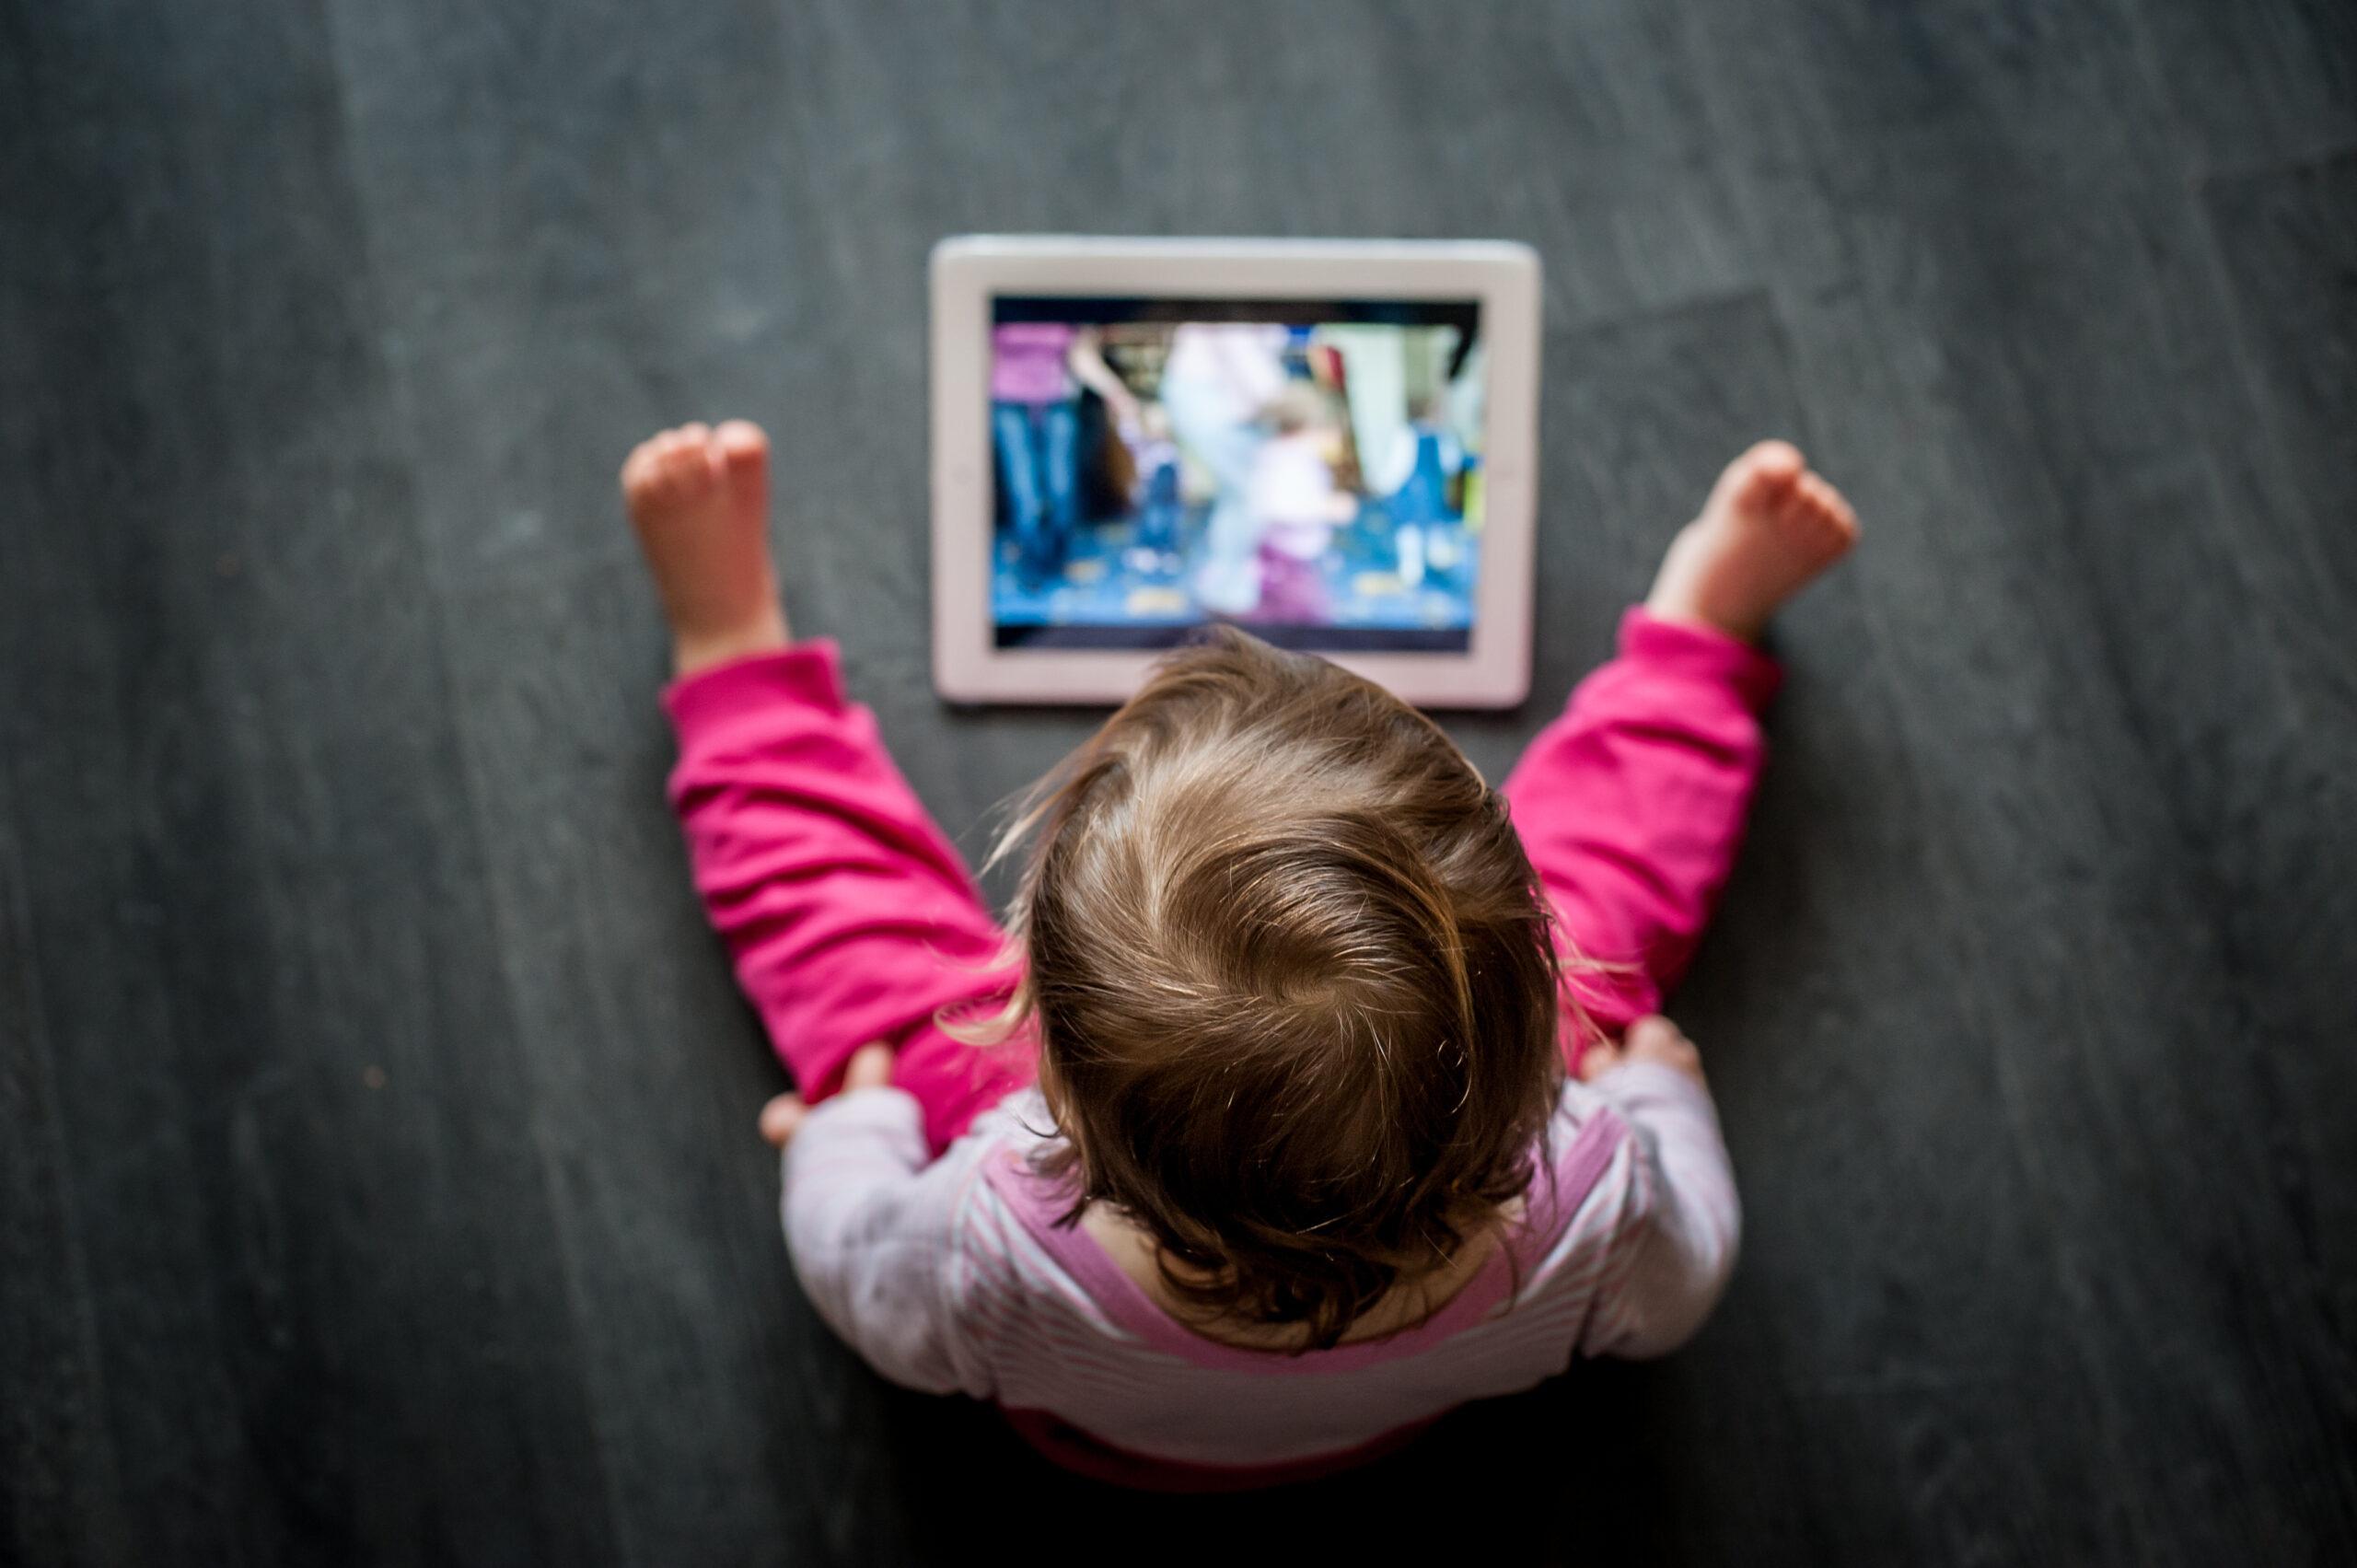 Minu laps istub pidevalt ekraani taga!